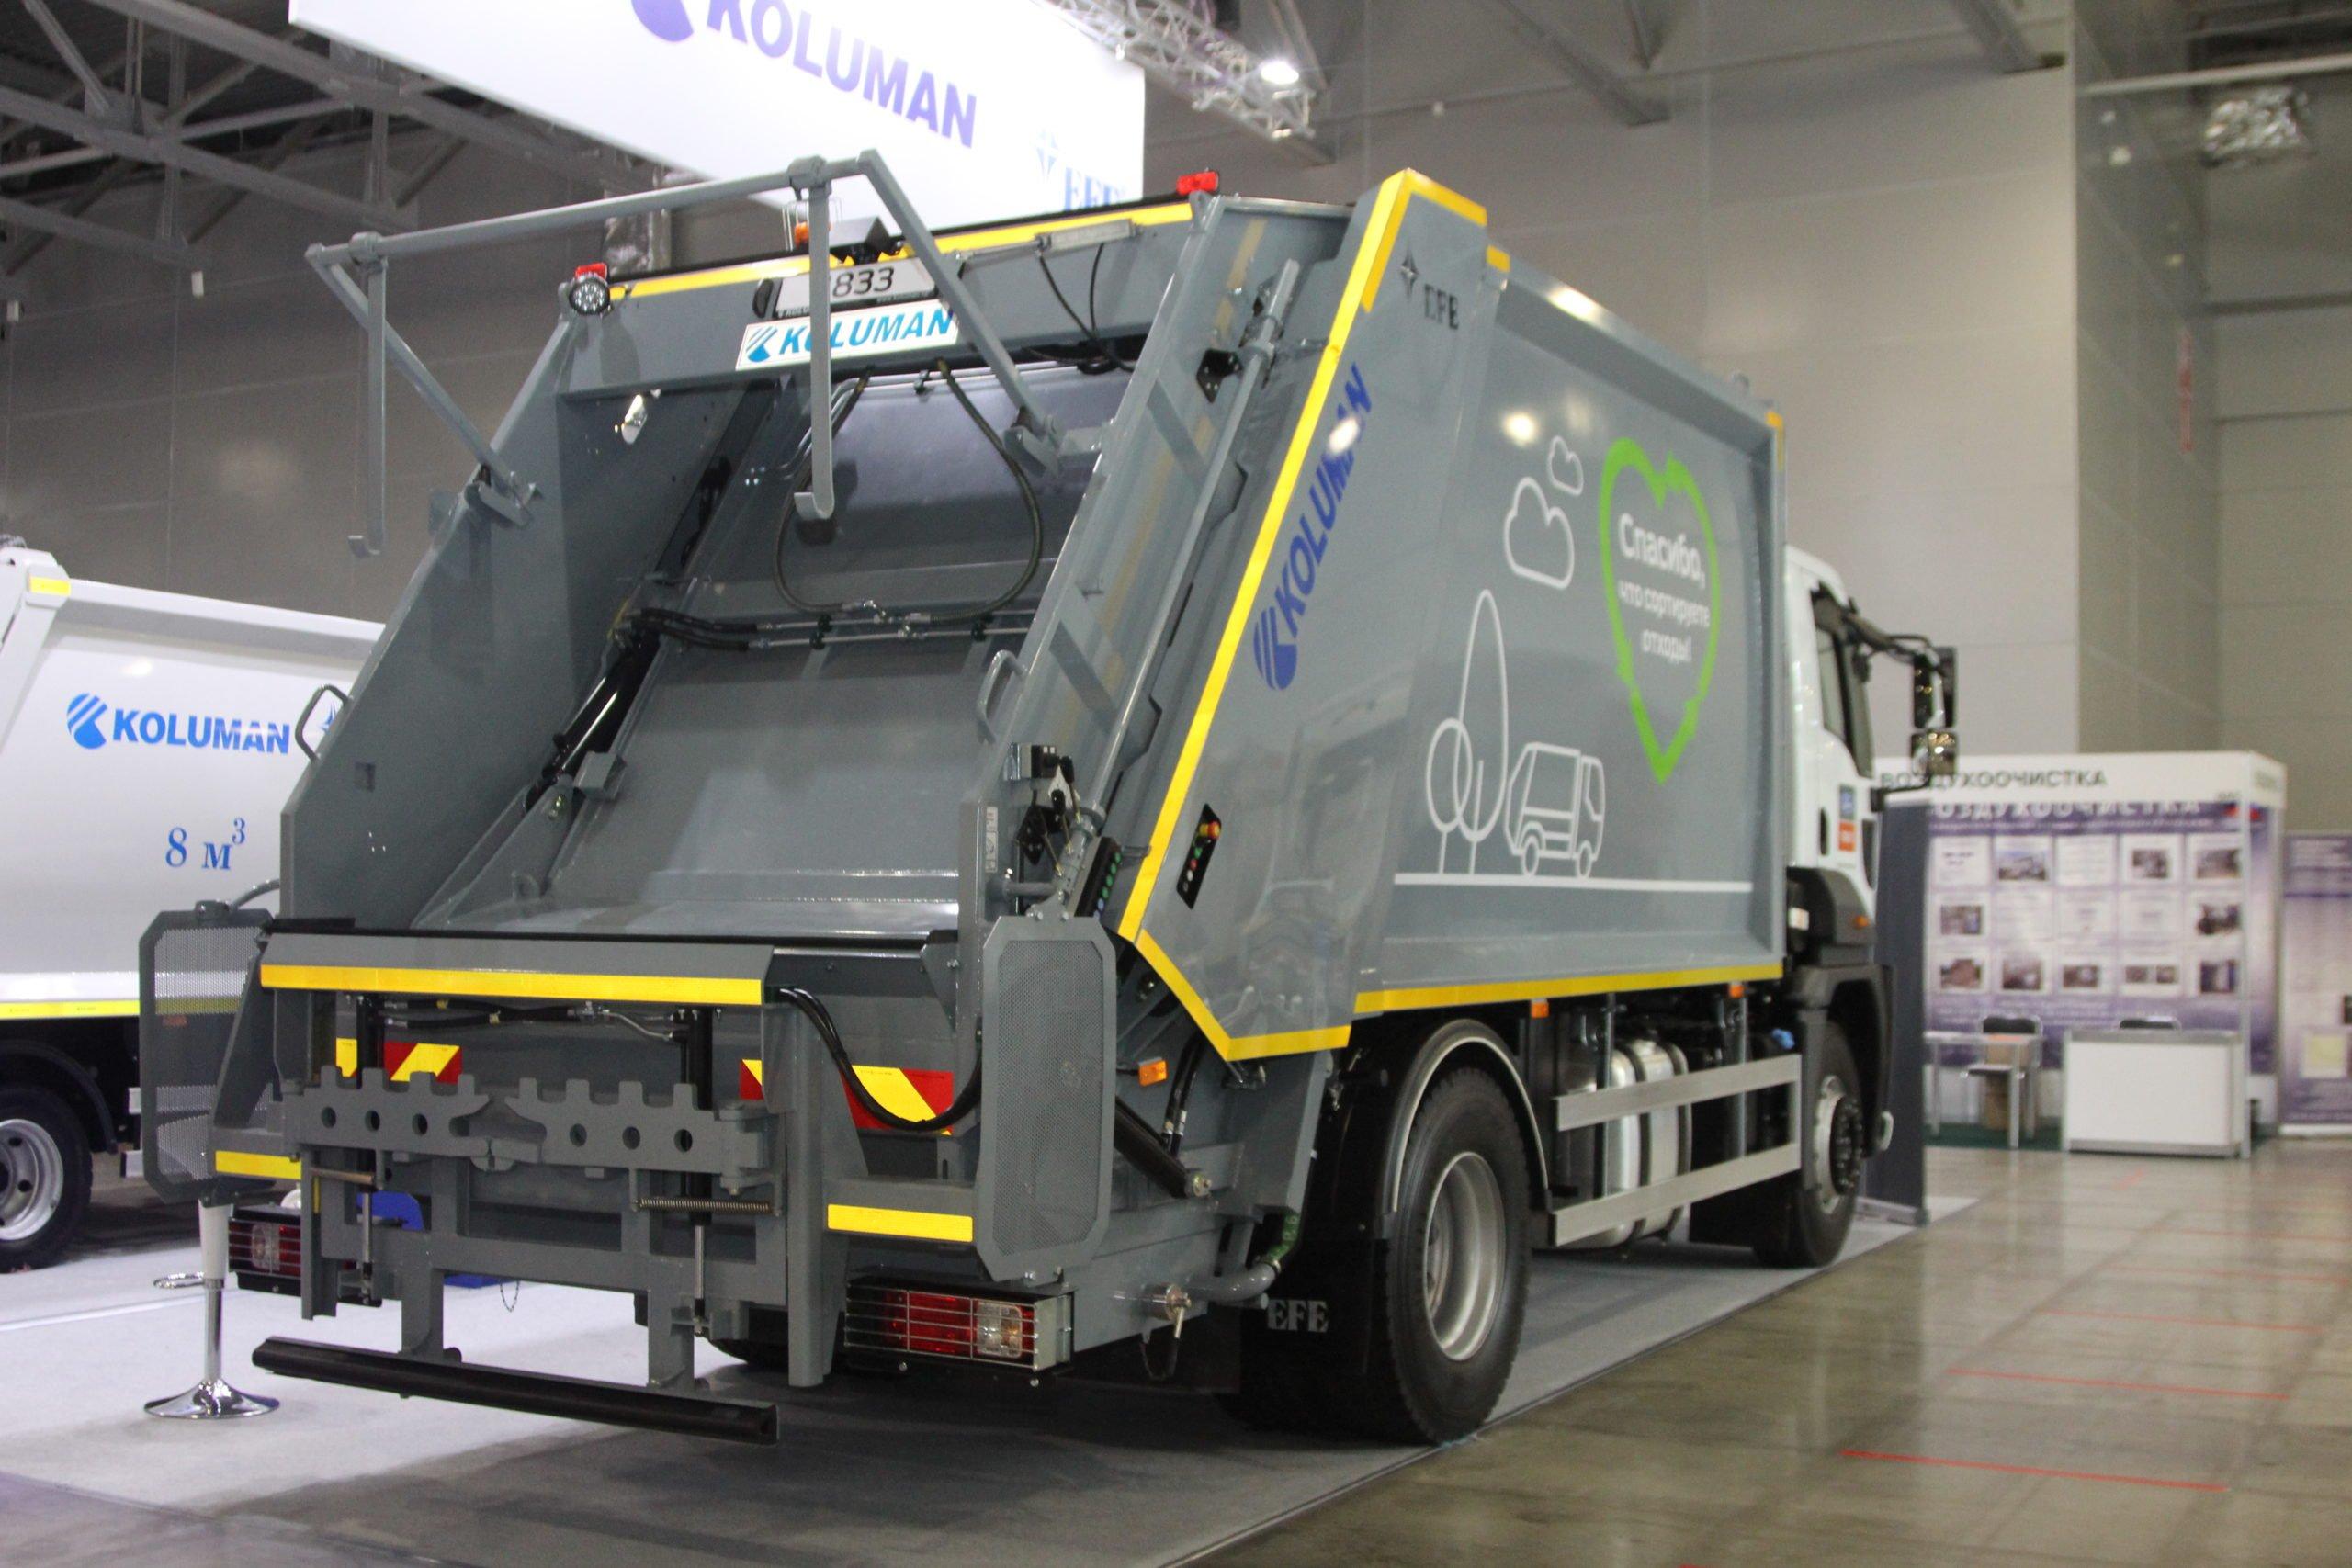 Ford Trucks представил специализированный мусоровоз для пригорода